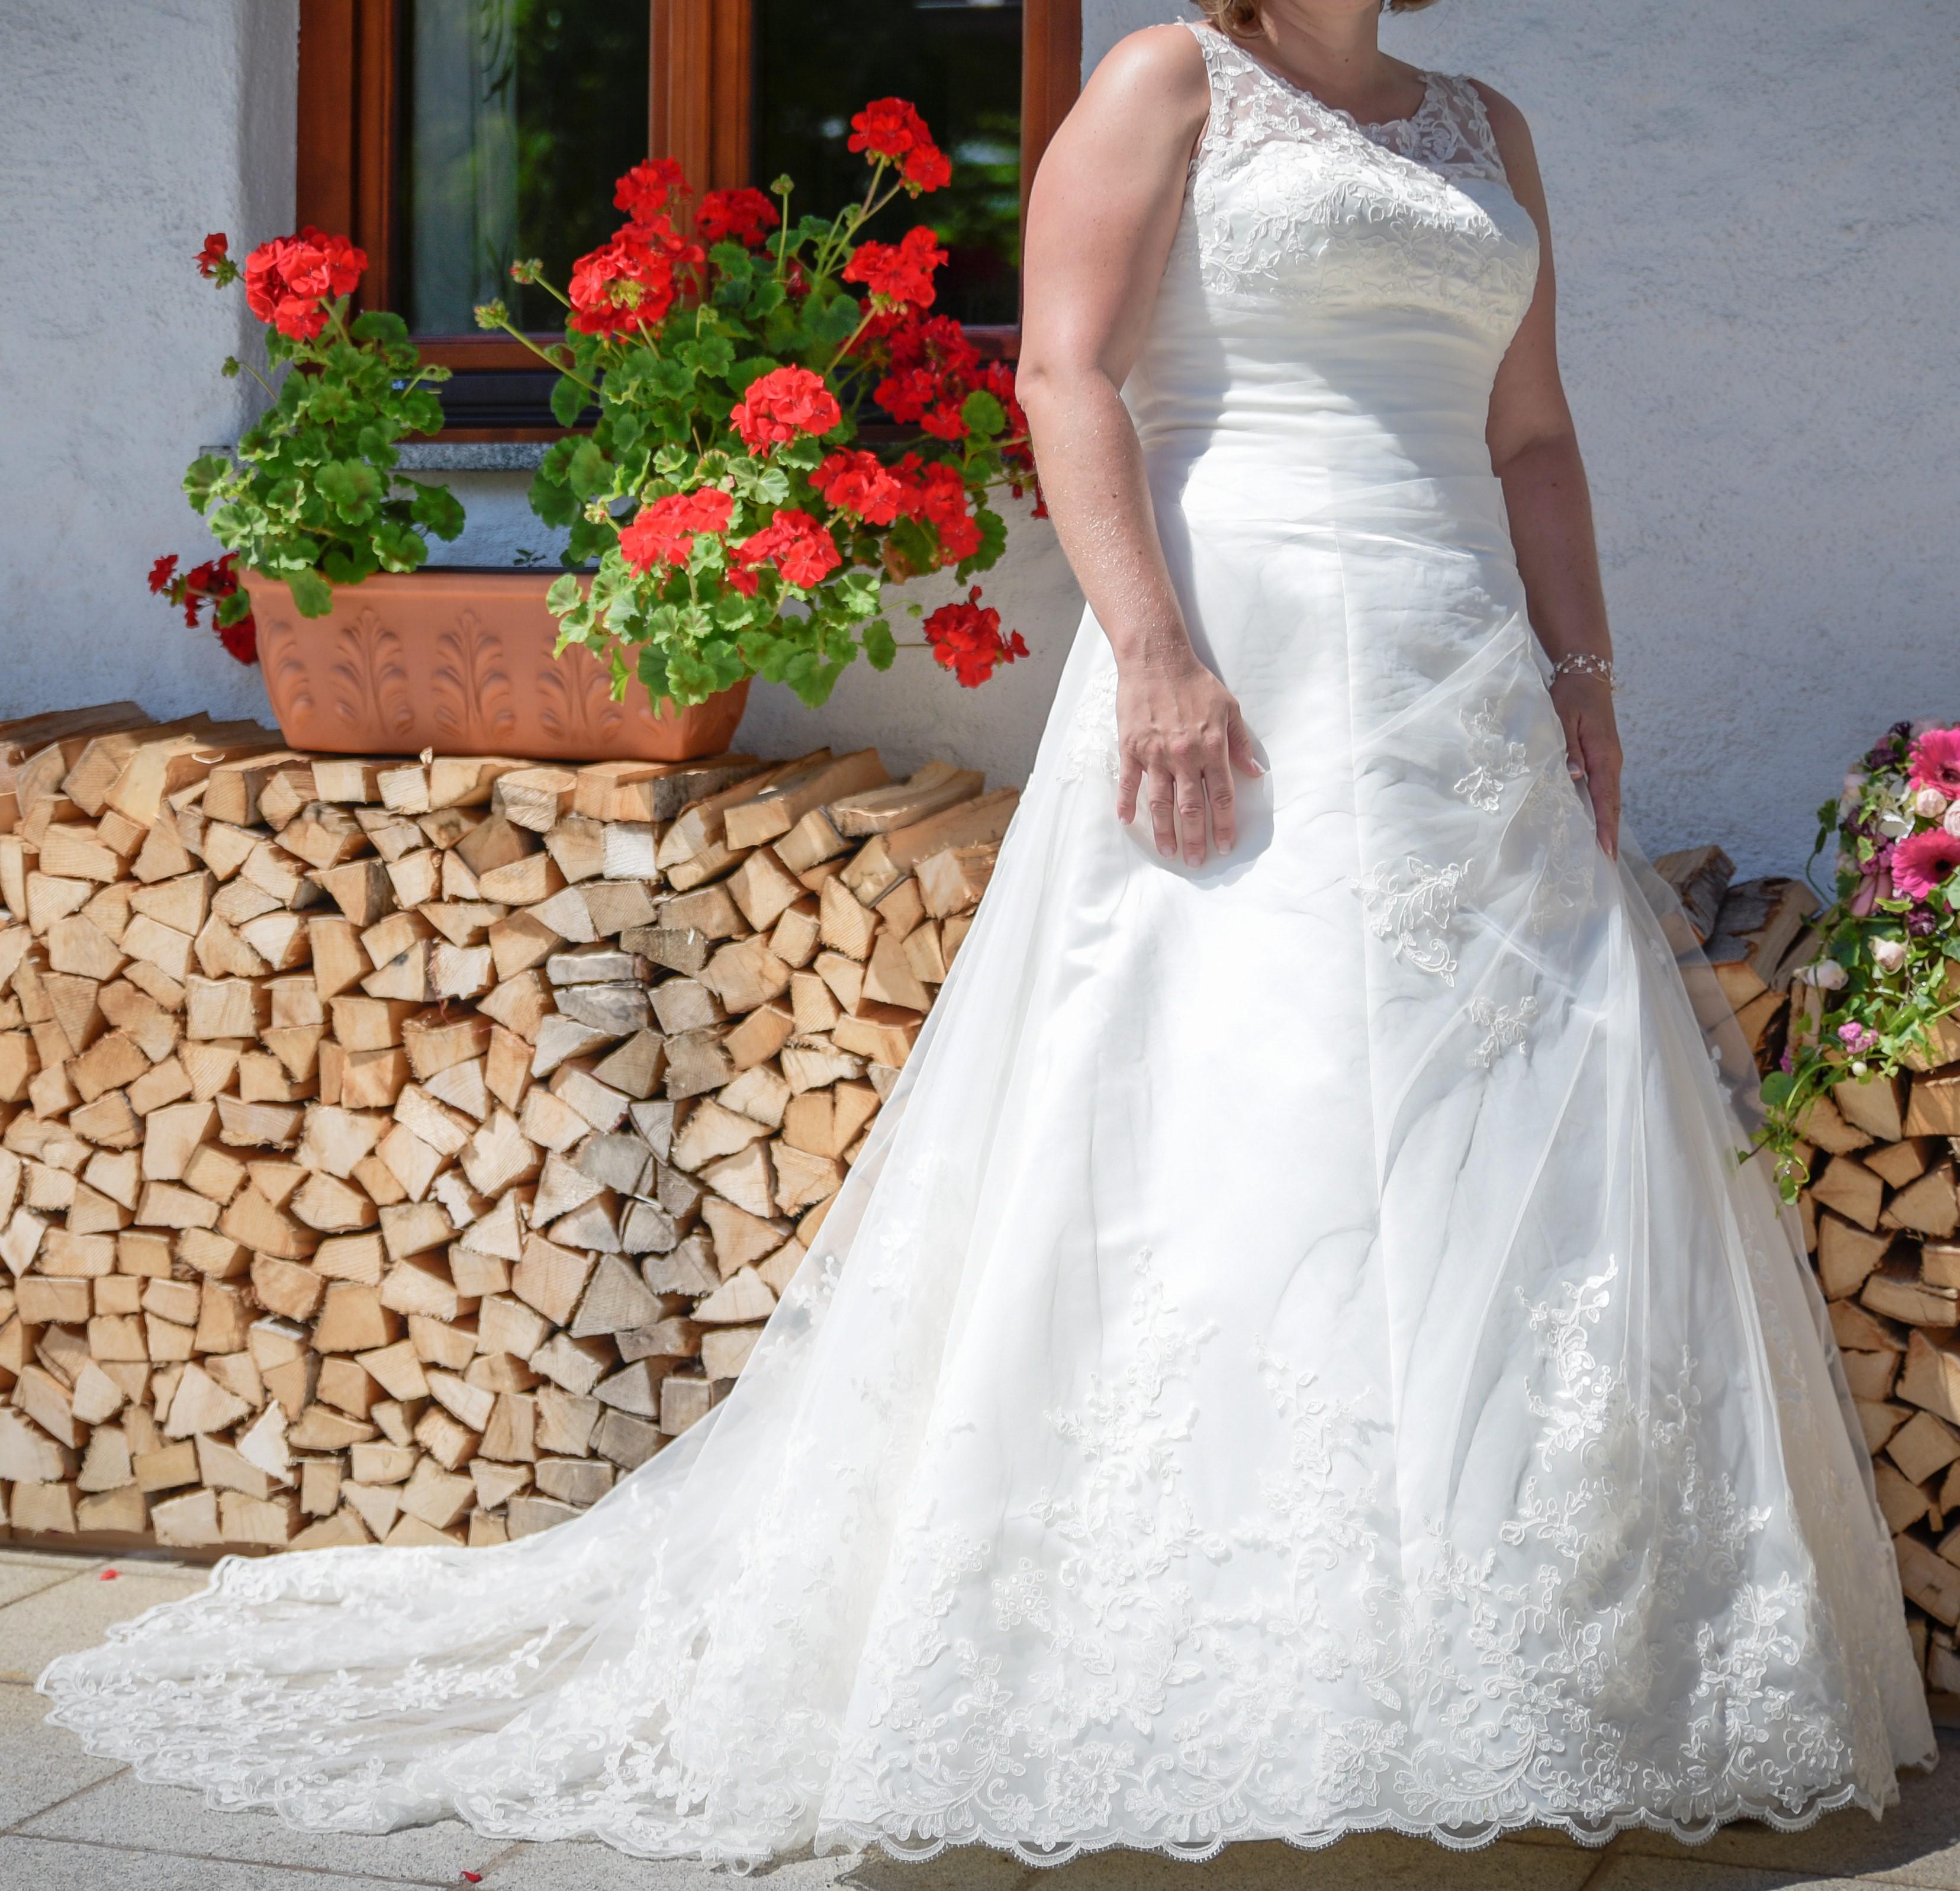 Brautkleid Verkaufen |10x mehr Chancen 30x schneller! #1 Österreich